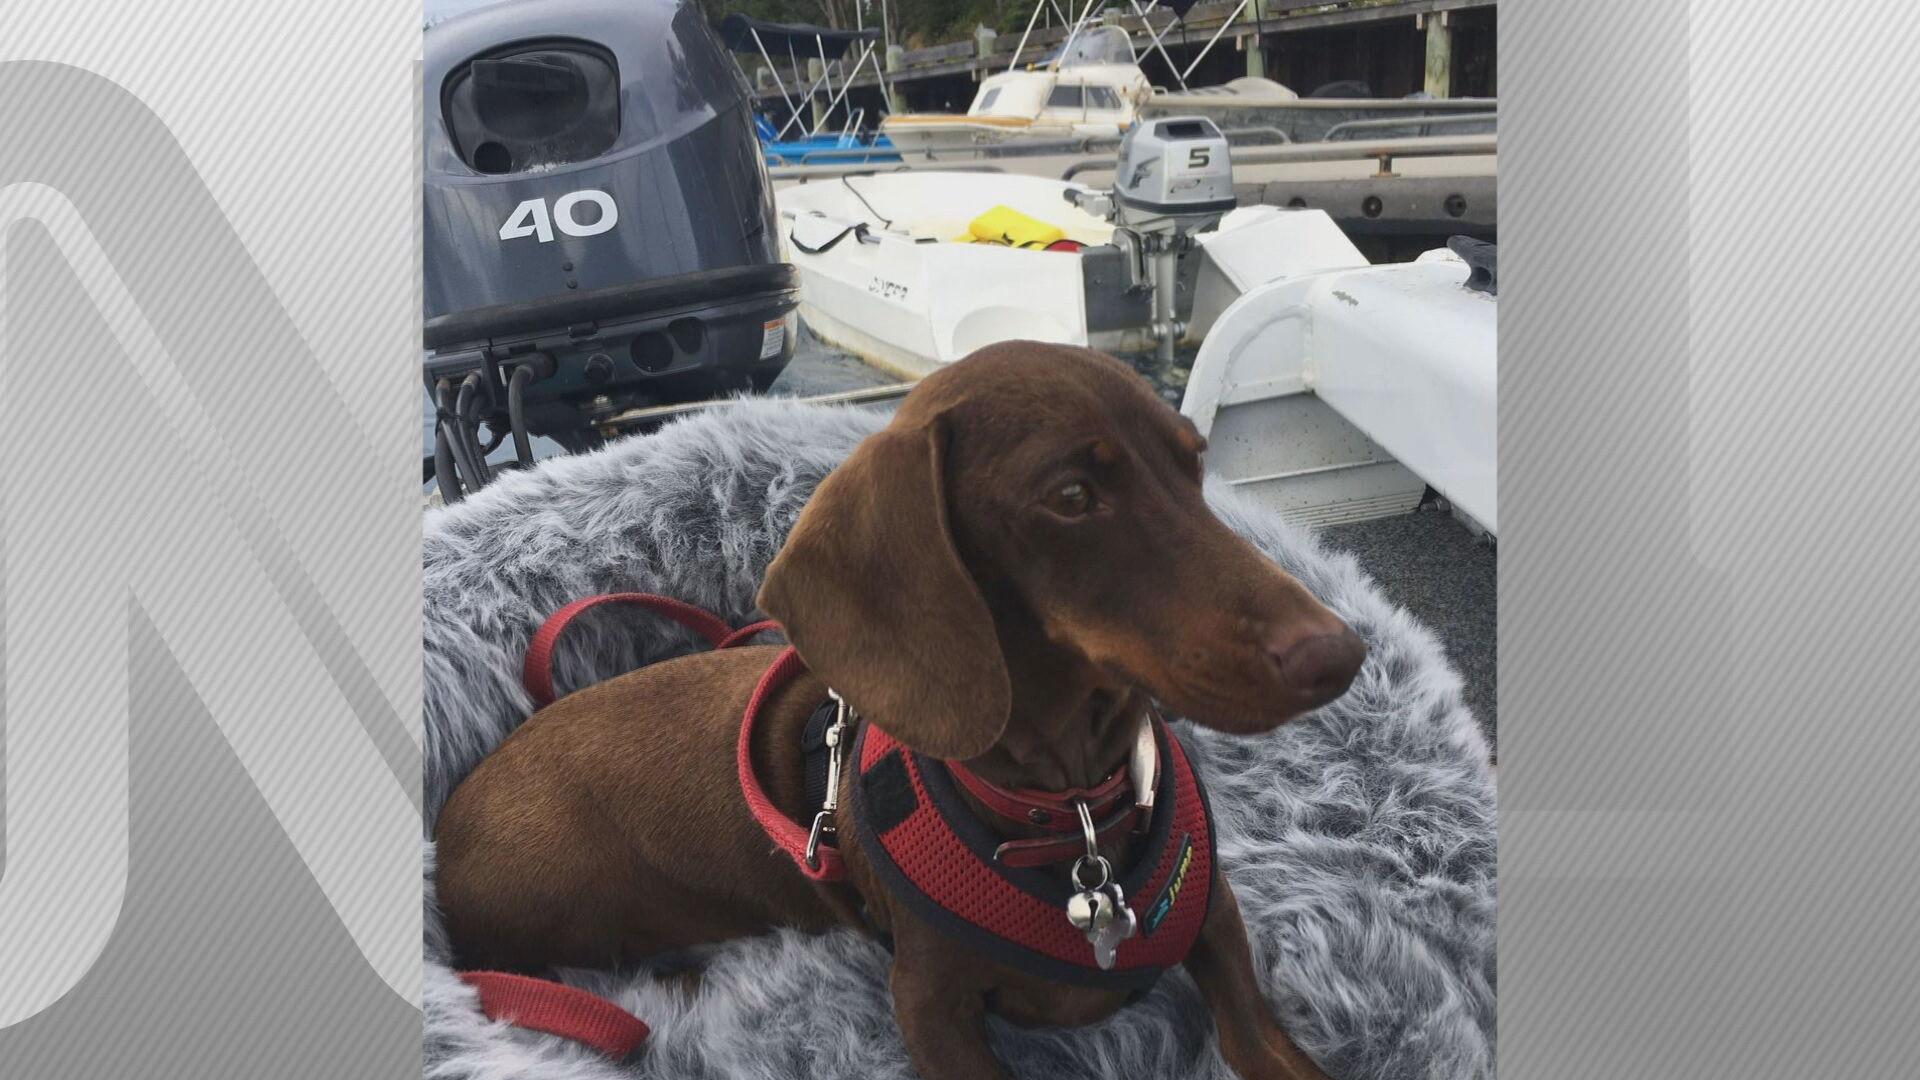 Pip, o cachorro que ficou separado dos donos por seis meses após restrições por